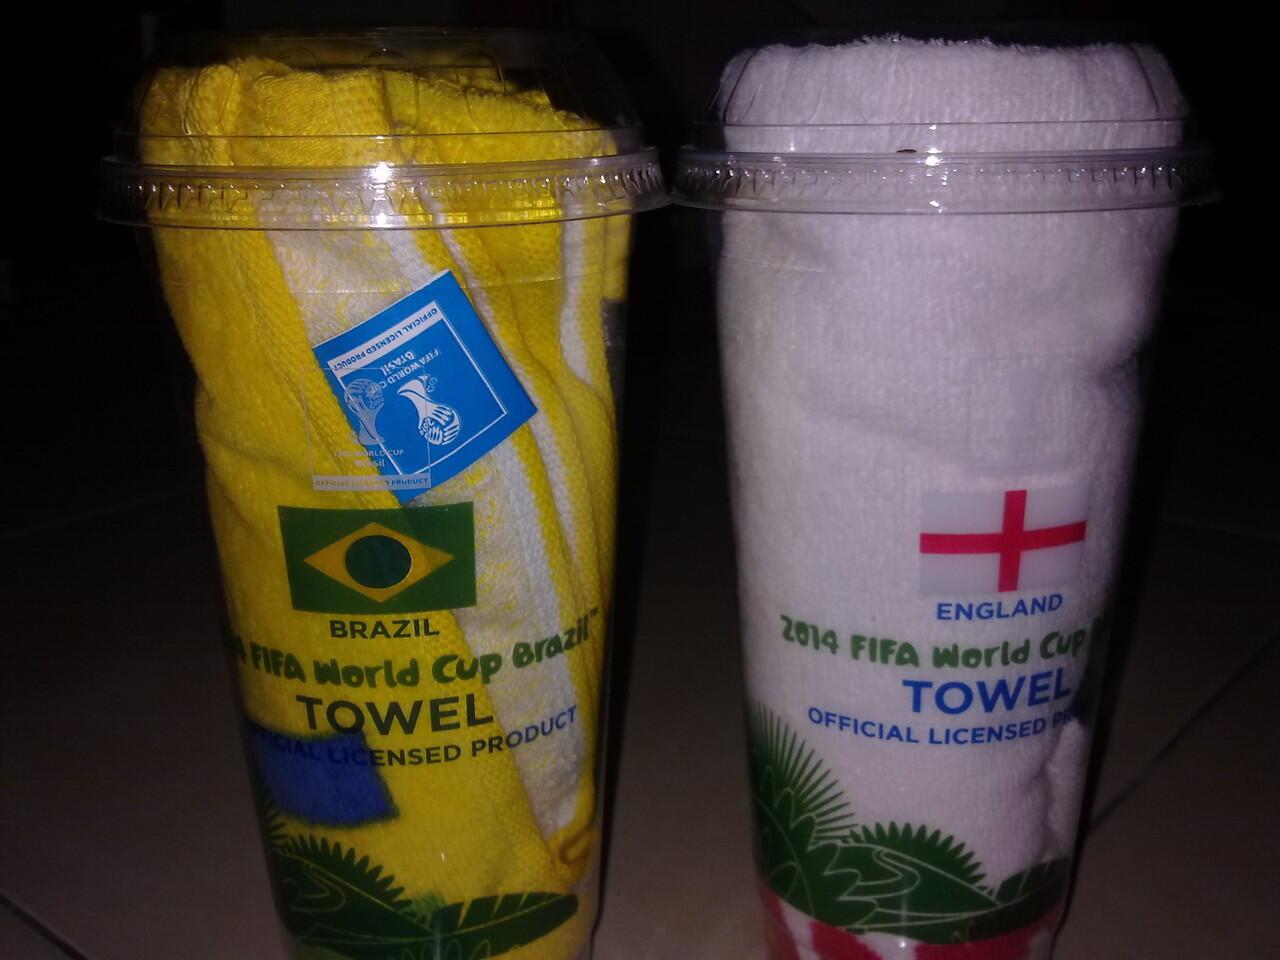 HANDUK BRAZIL & ENGLAND OFFICIAL MERCHANDISE FIFA WORLD CUP 2014